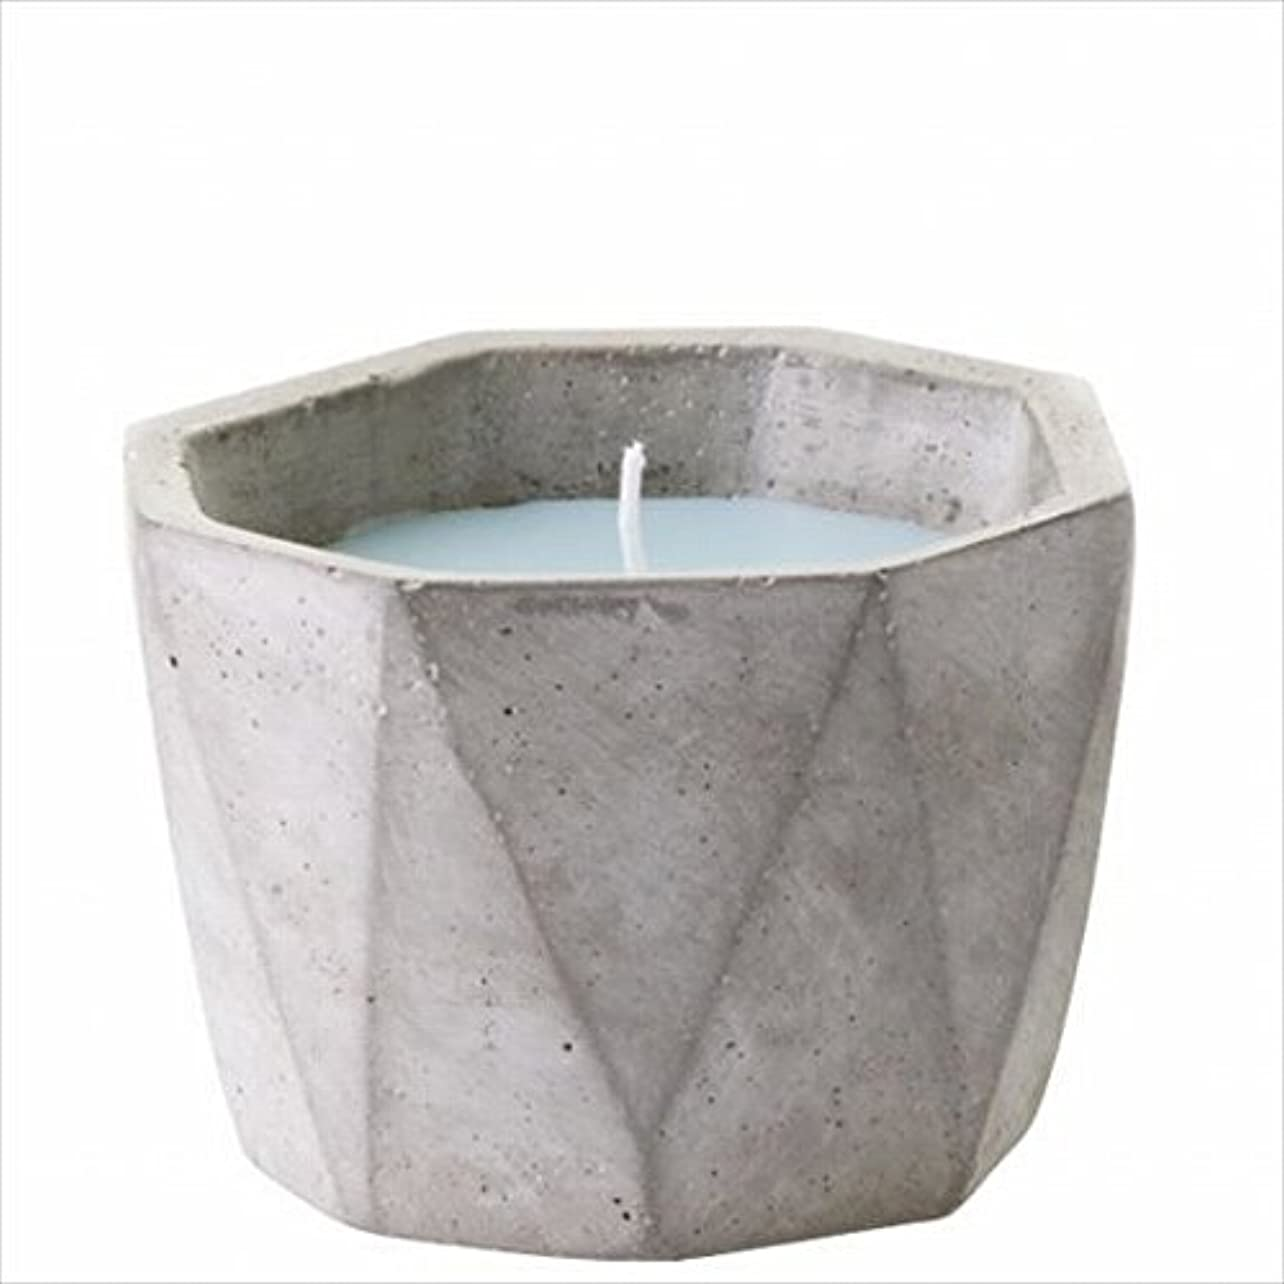 ギャザーホールド数カメヤマキャンドル(kameyama candle) POiNT A LA LiGNE セメントポットセンティッドキャンドル 「 モックオレンジミント 」